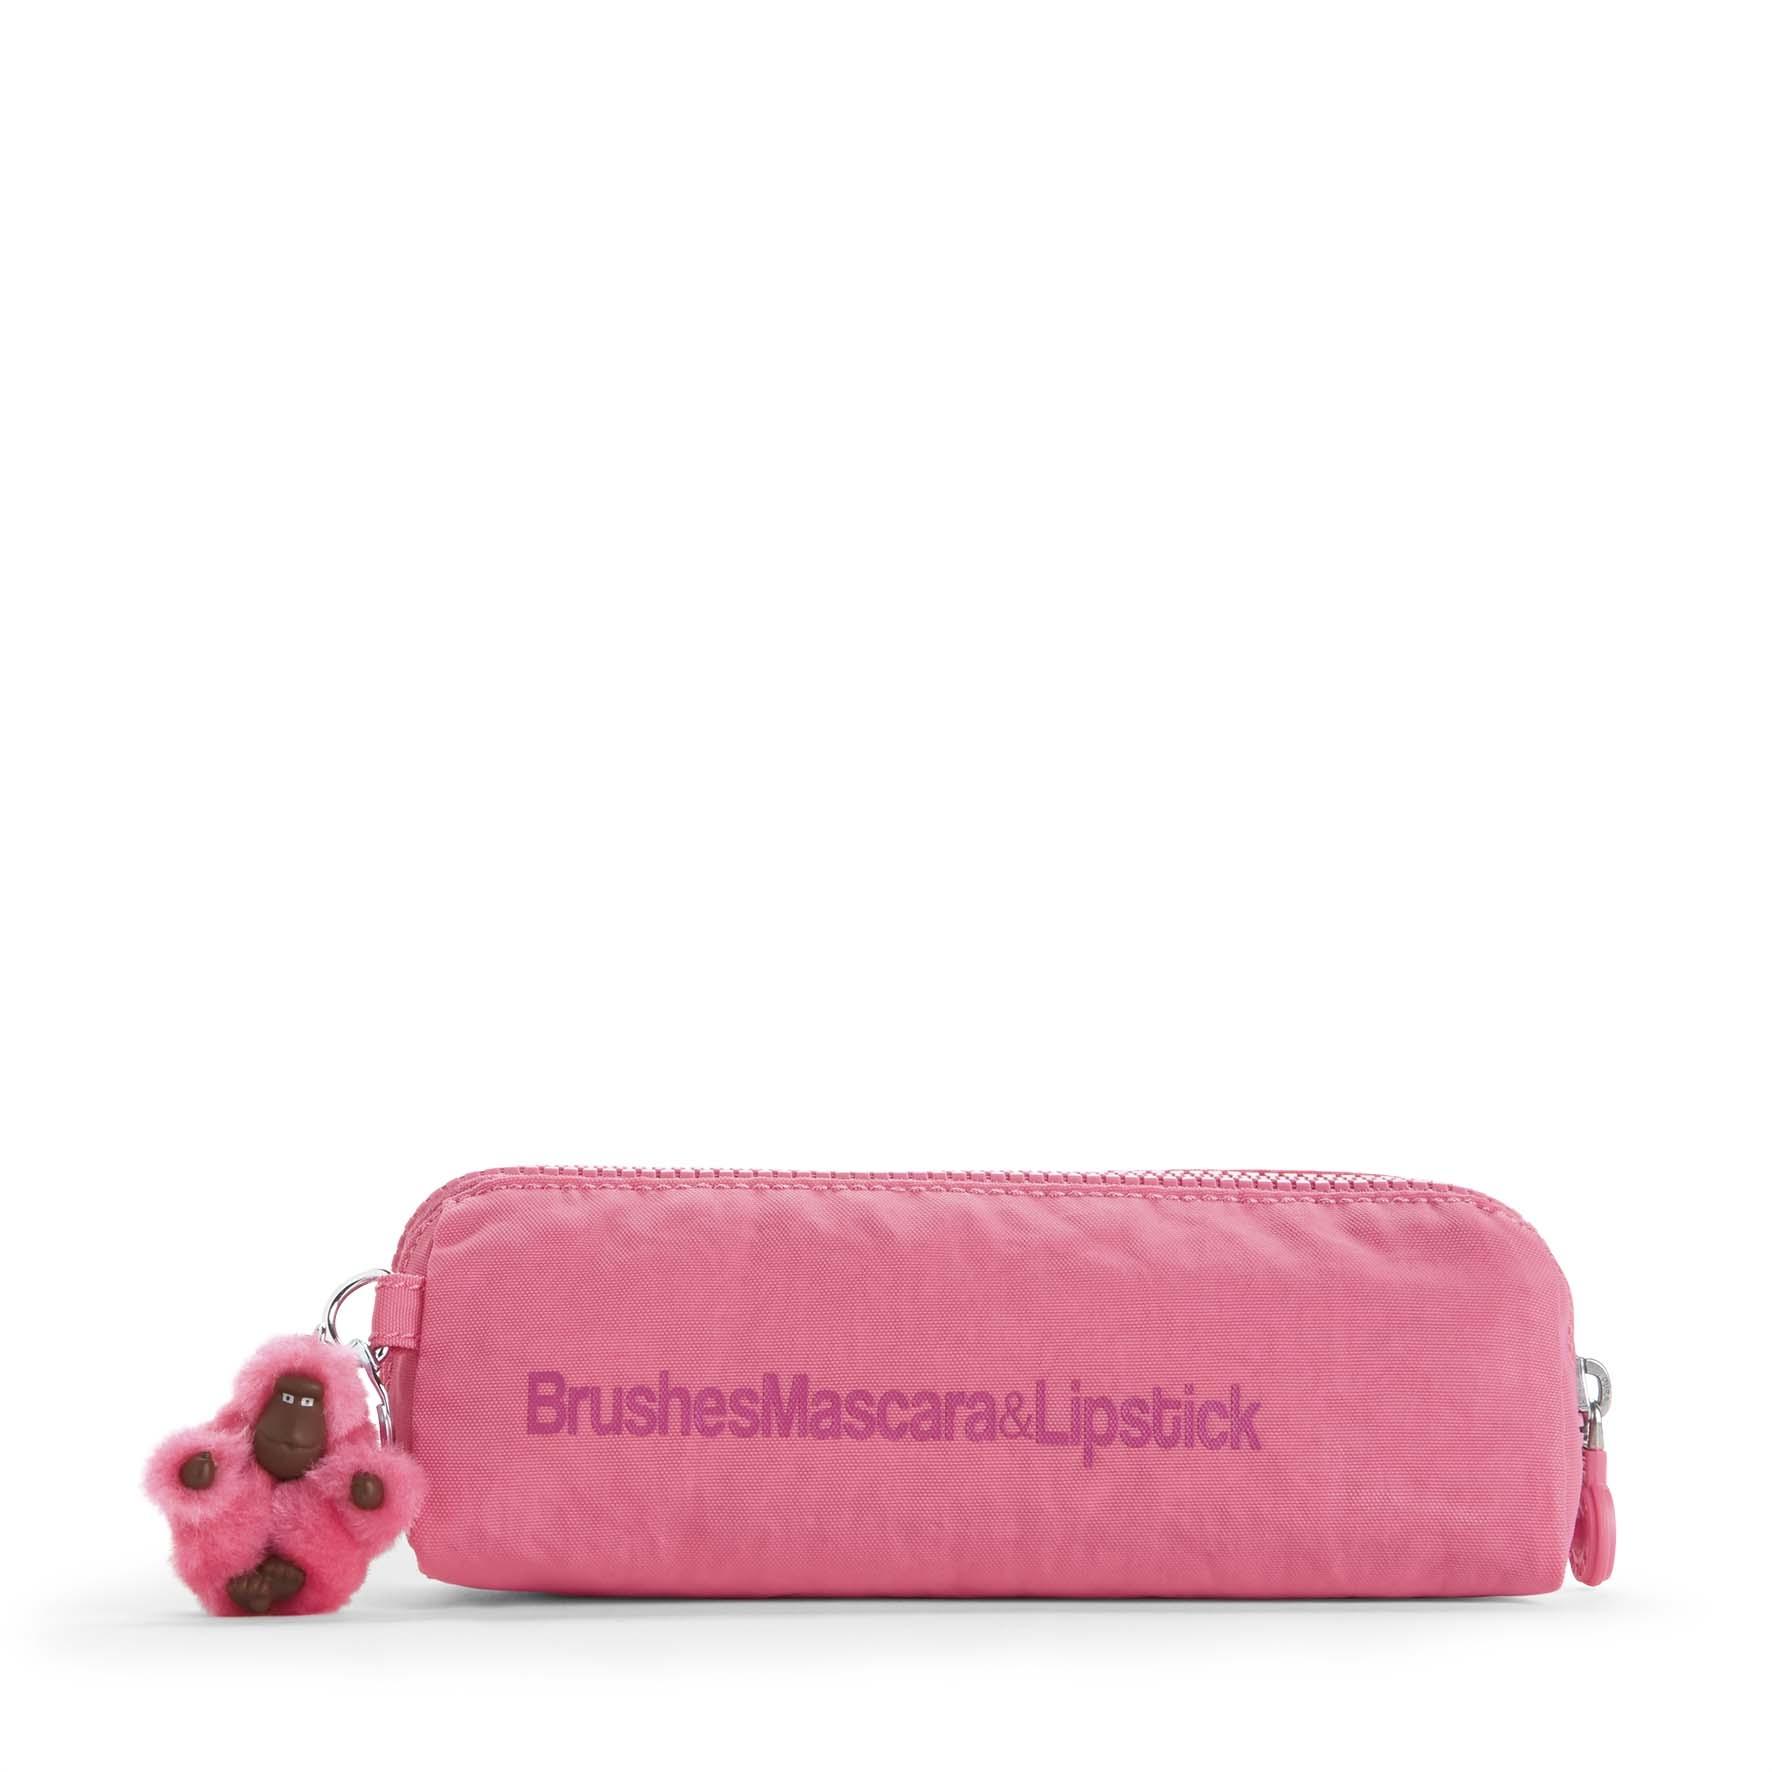 תיק מברשות Brush Pouch - City Pink Blורוד עירוני משולב